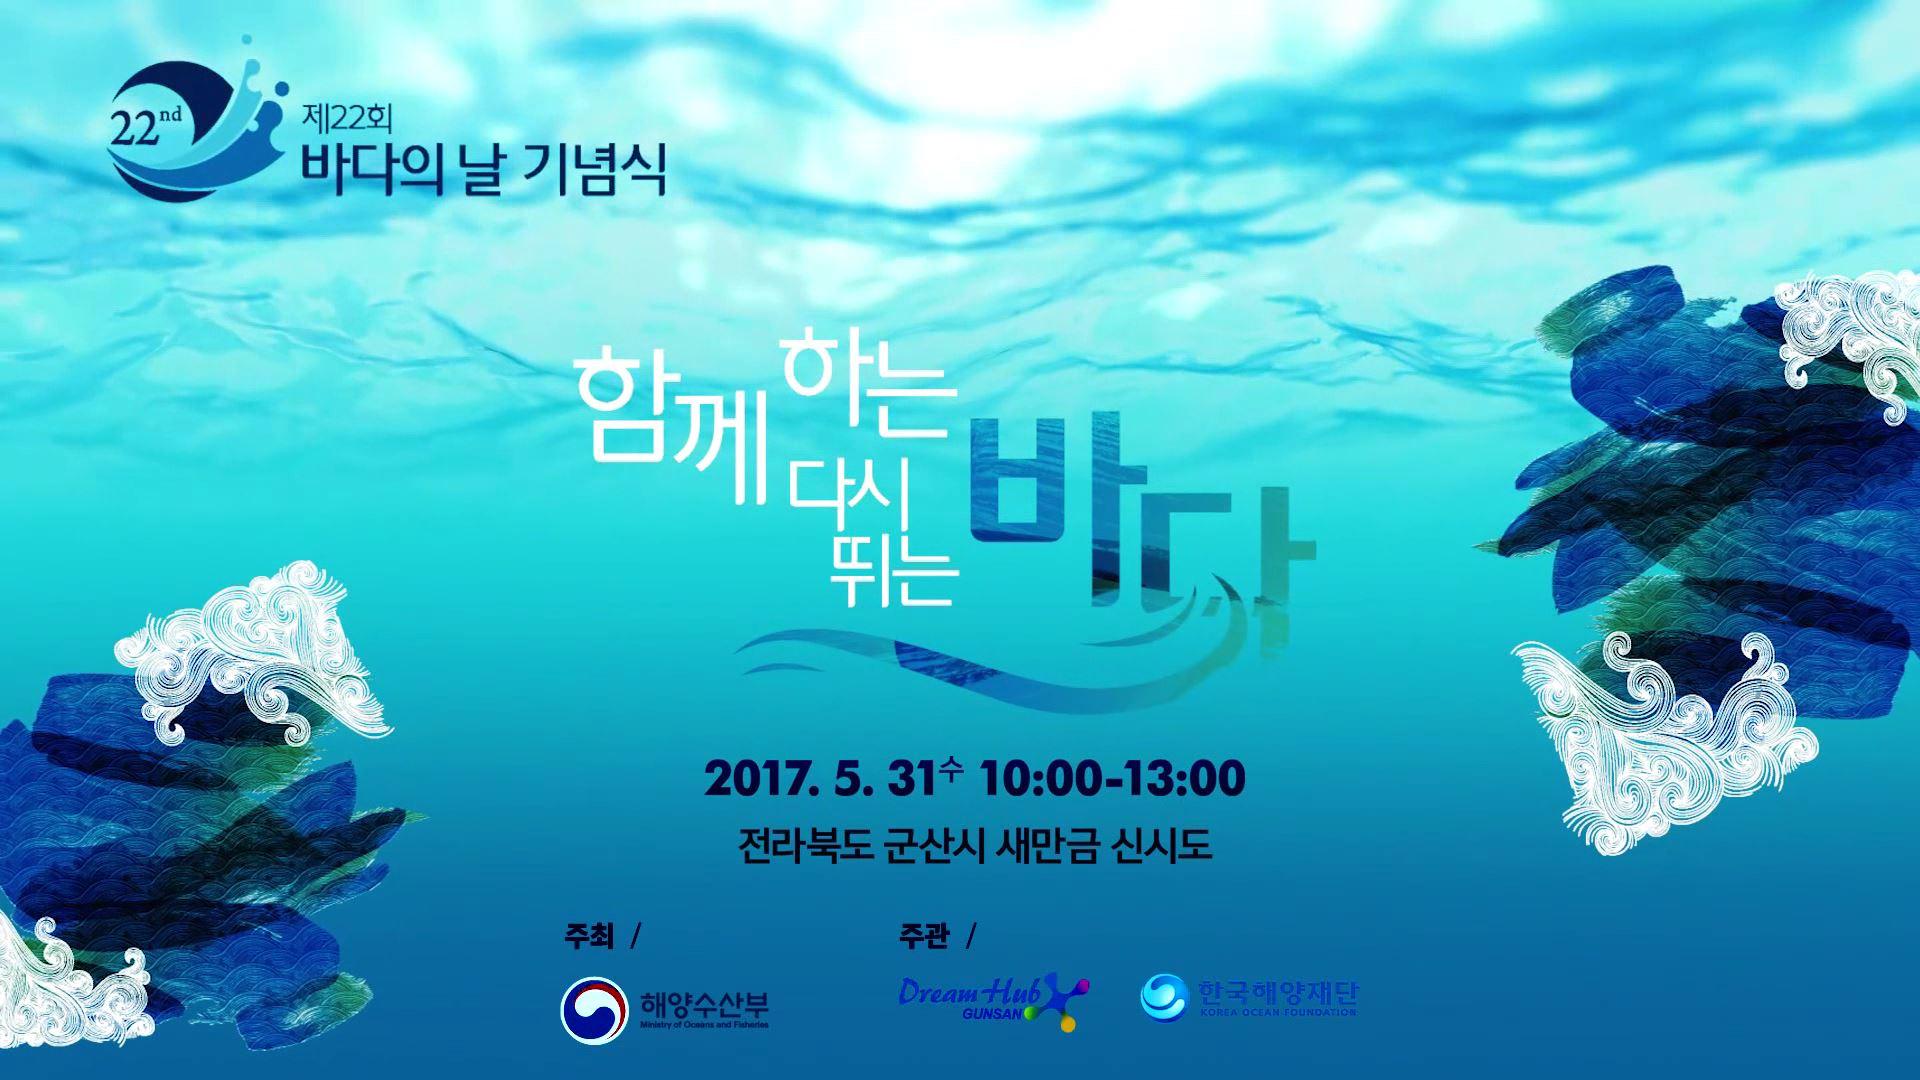 바다의 날 홍보 동영상